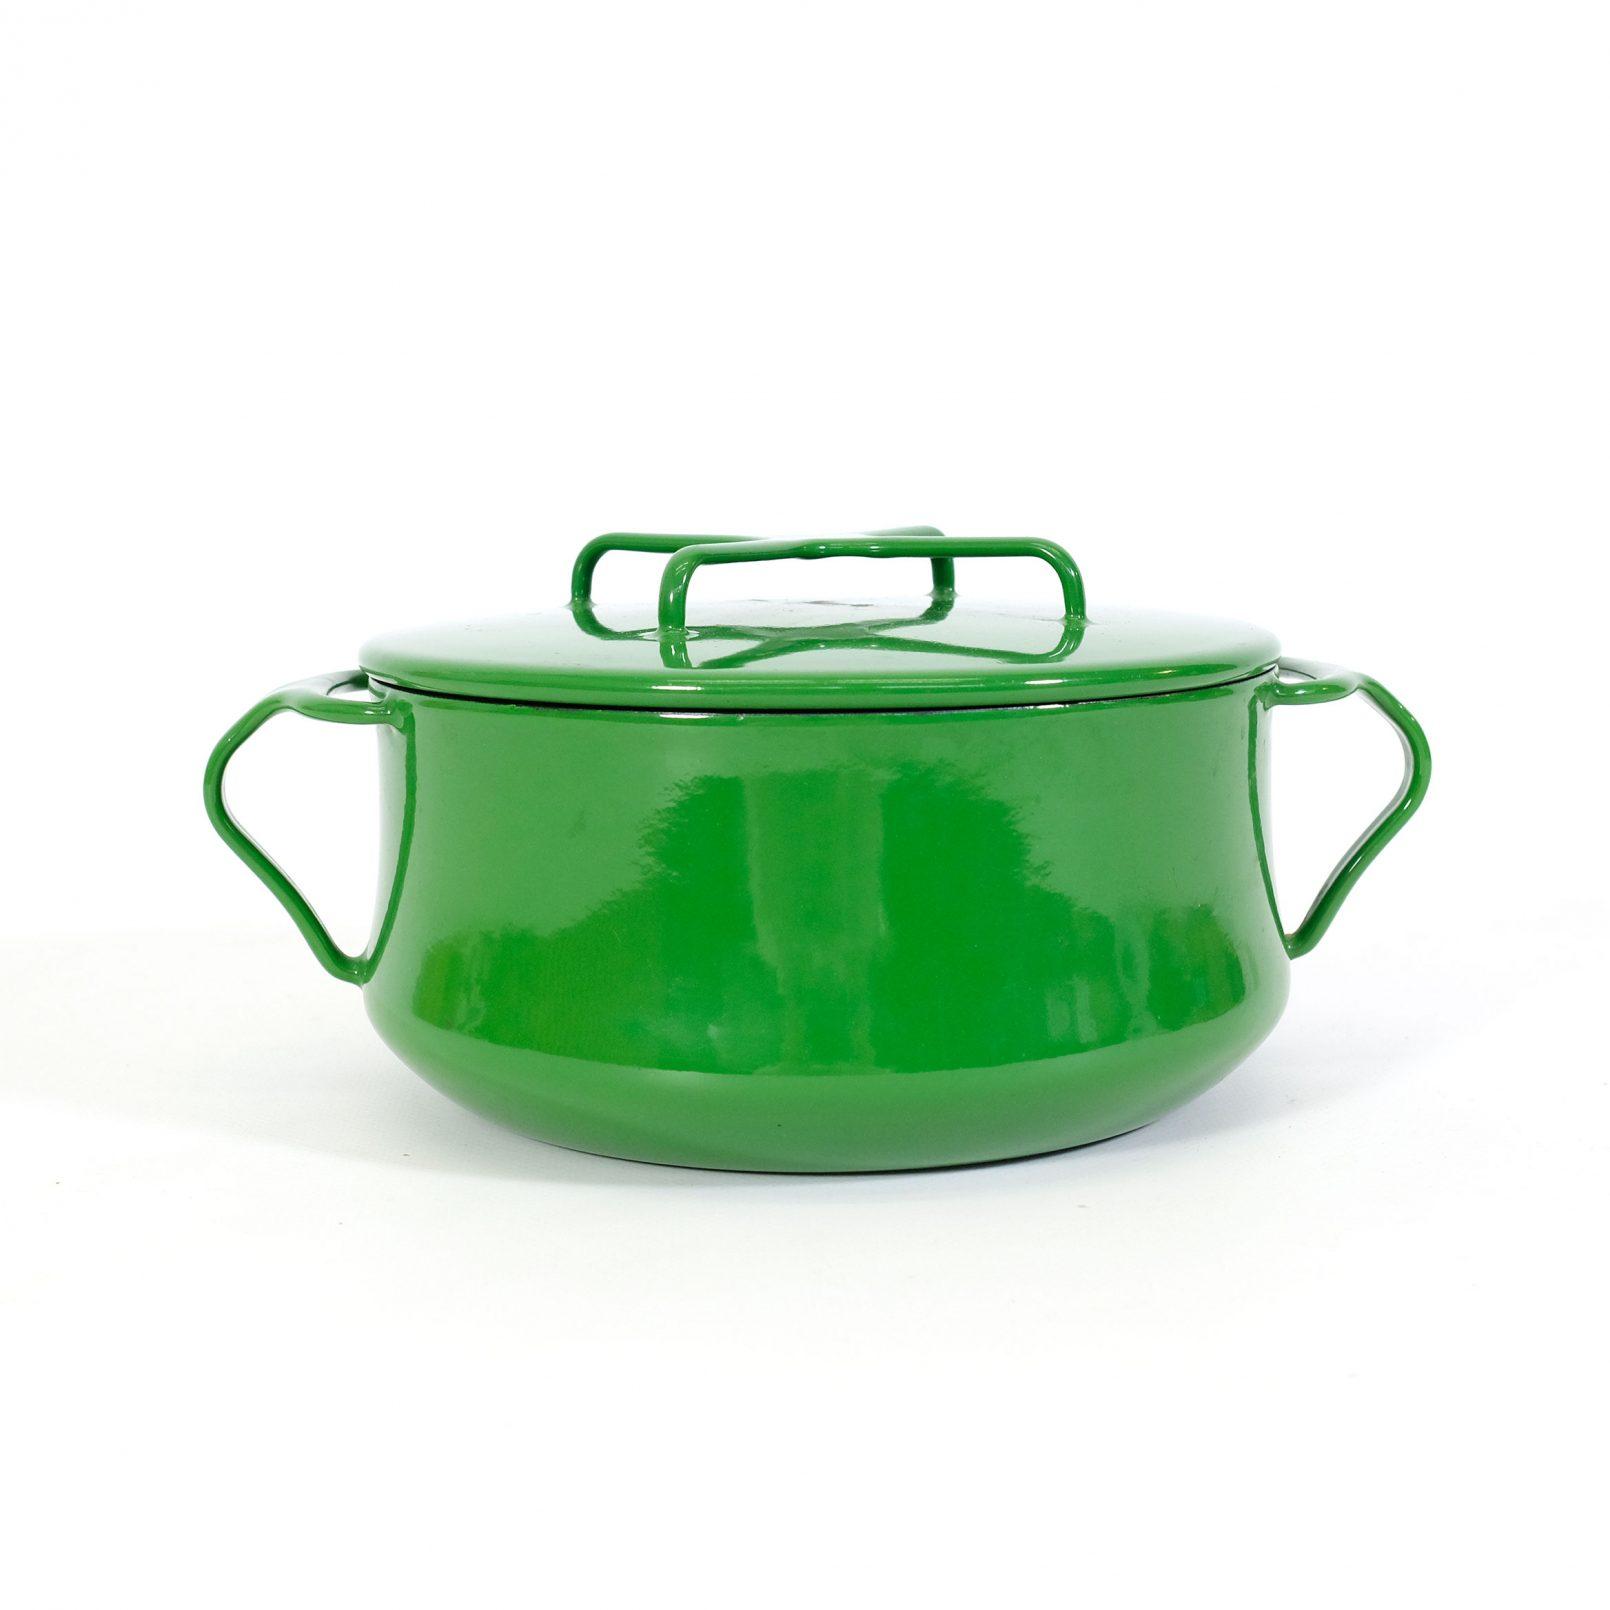 Cocotte Kobenstyle émaillée vert.